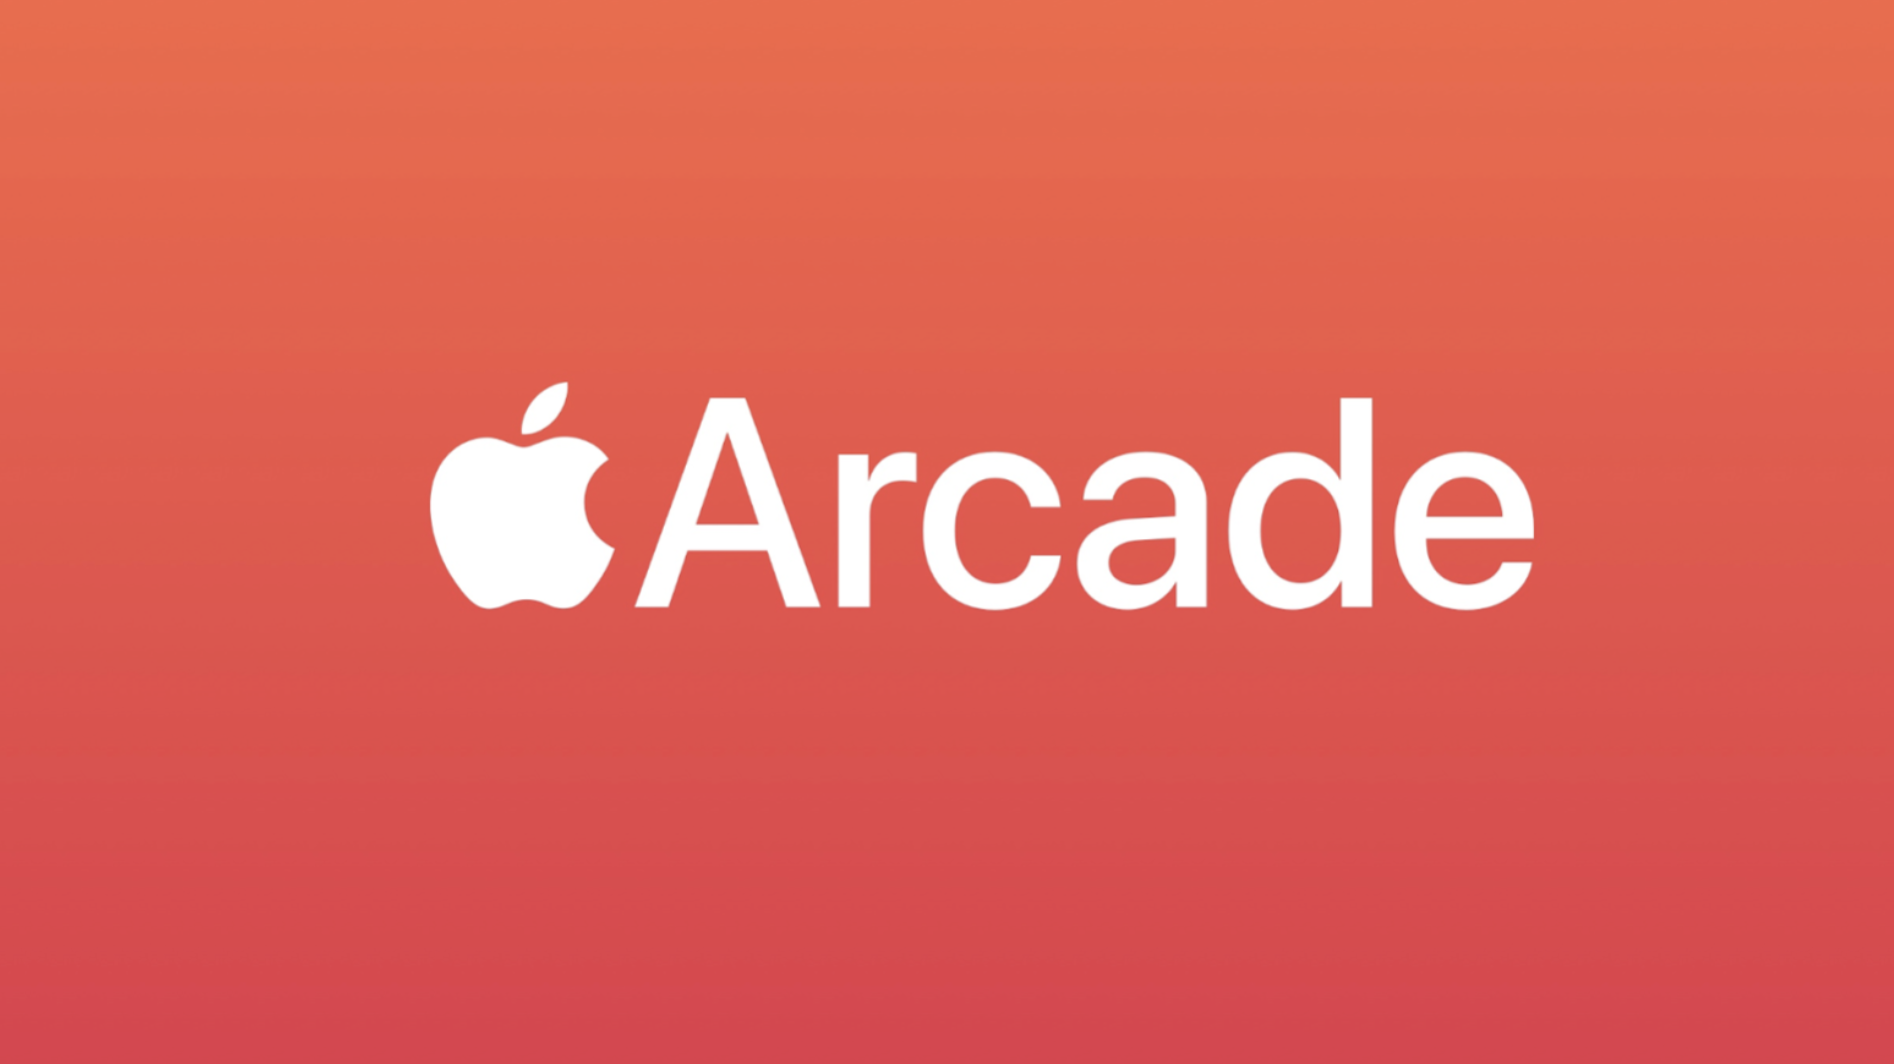 2020 Május・Apple Arcade